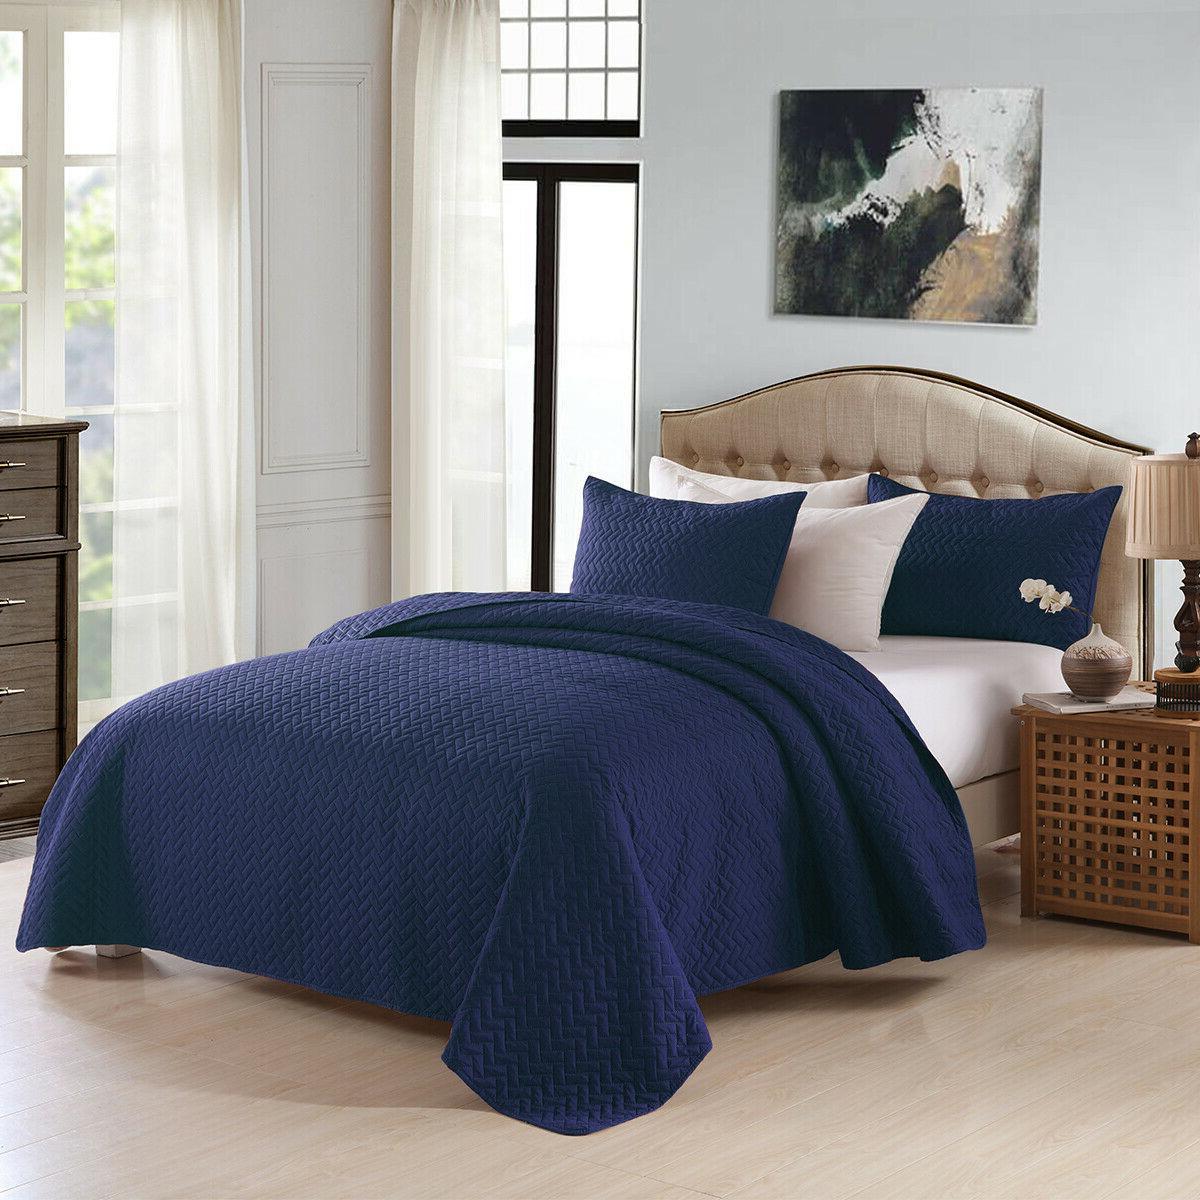 3-Piece Bedspread Set Queen/King